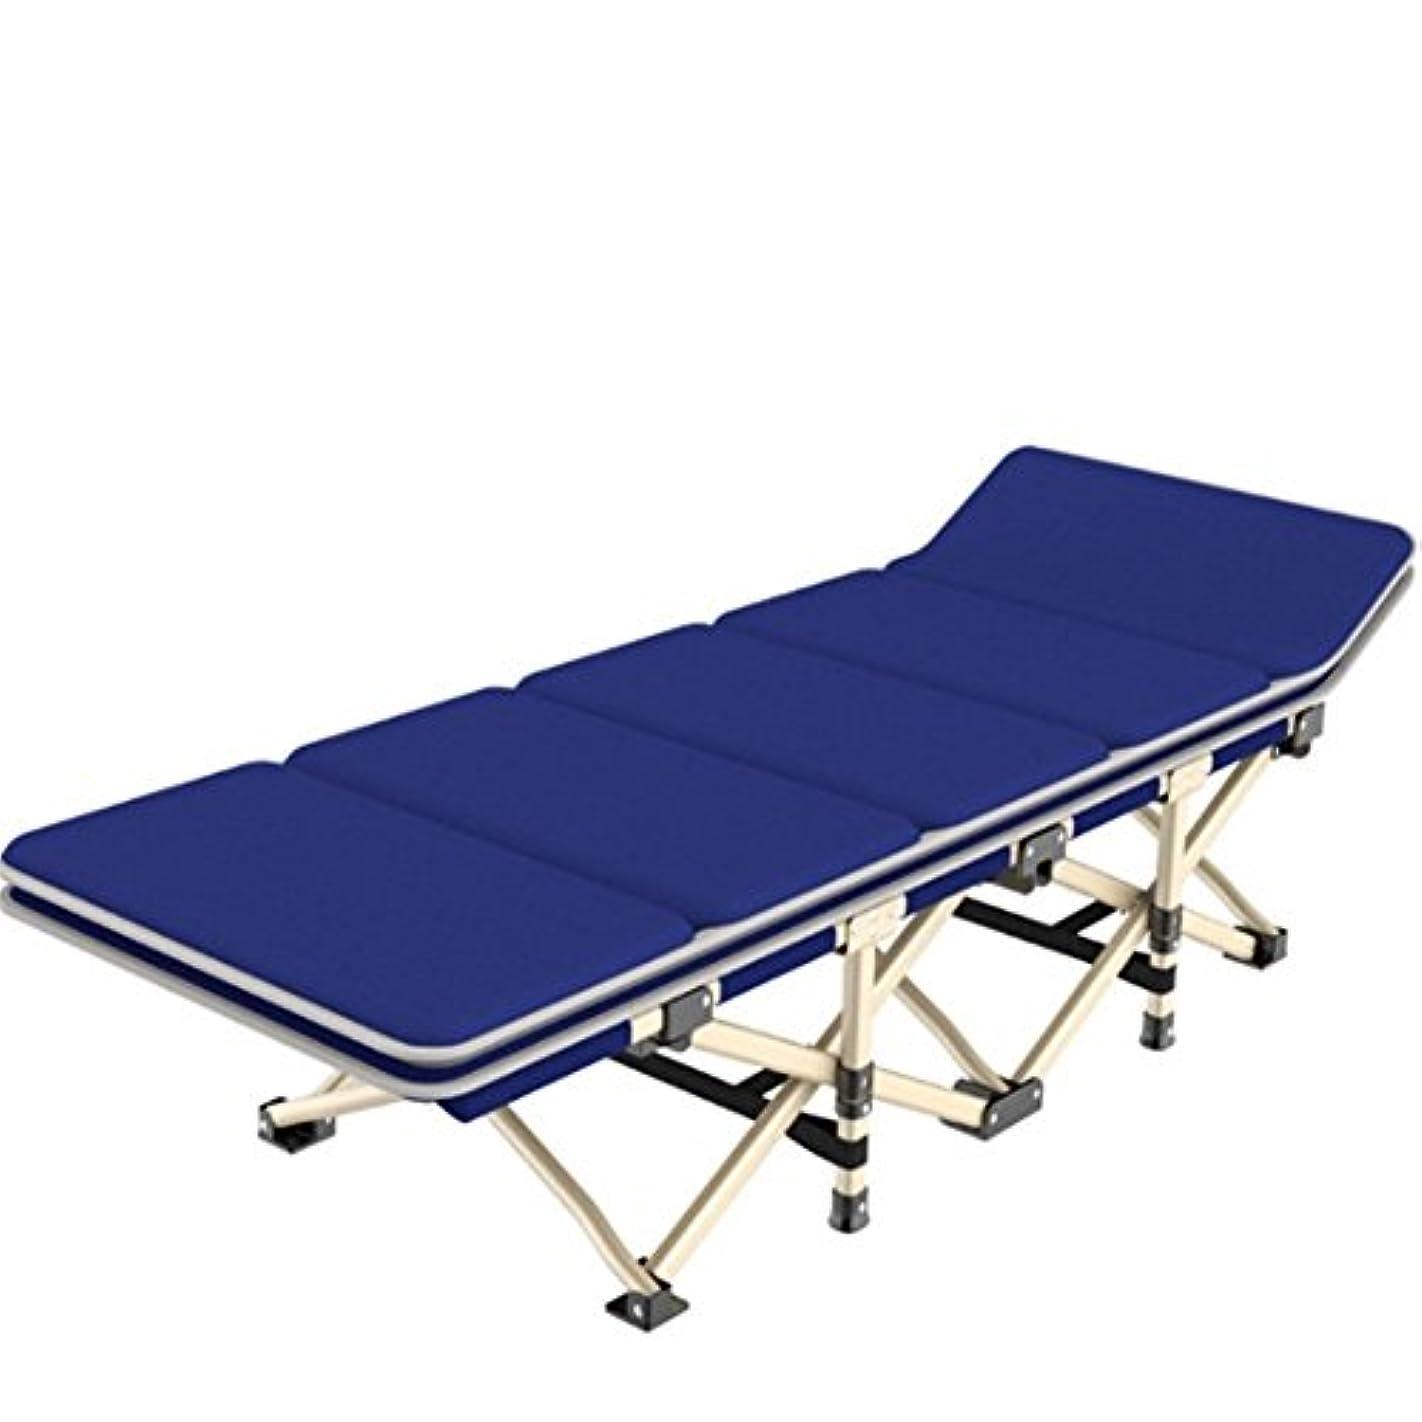 職人調査ストライク折りたたみベッド 耐荷重200kg 夏冬両用 組立不要 持ち運び便利 室内 仮眠 昼休み 簡易ベッド アウトドア キャンプ ビーチ レジャーベッド